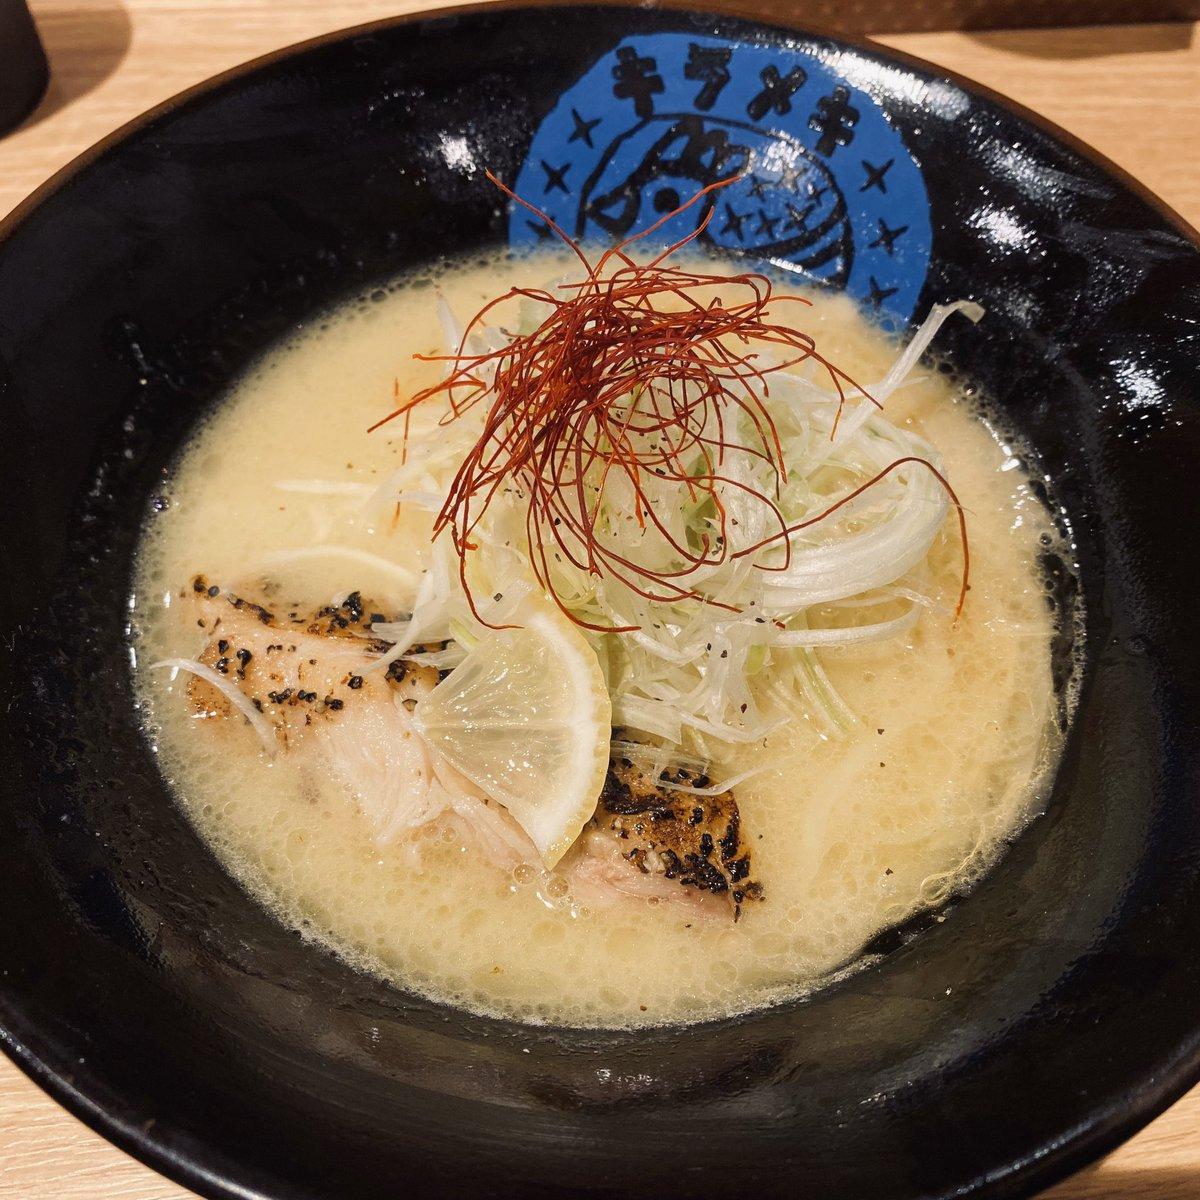 自分の好きなラーメン屋さん 褒められると嬉し 今度こそ今年の締めラーメン 京都で忘年会でした◎